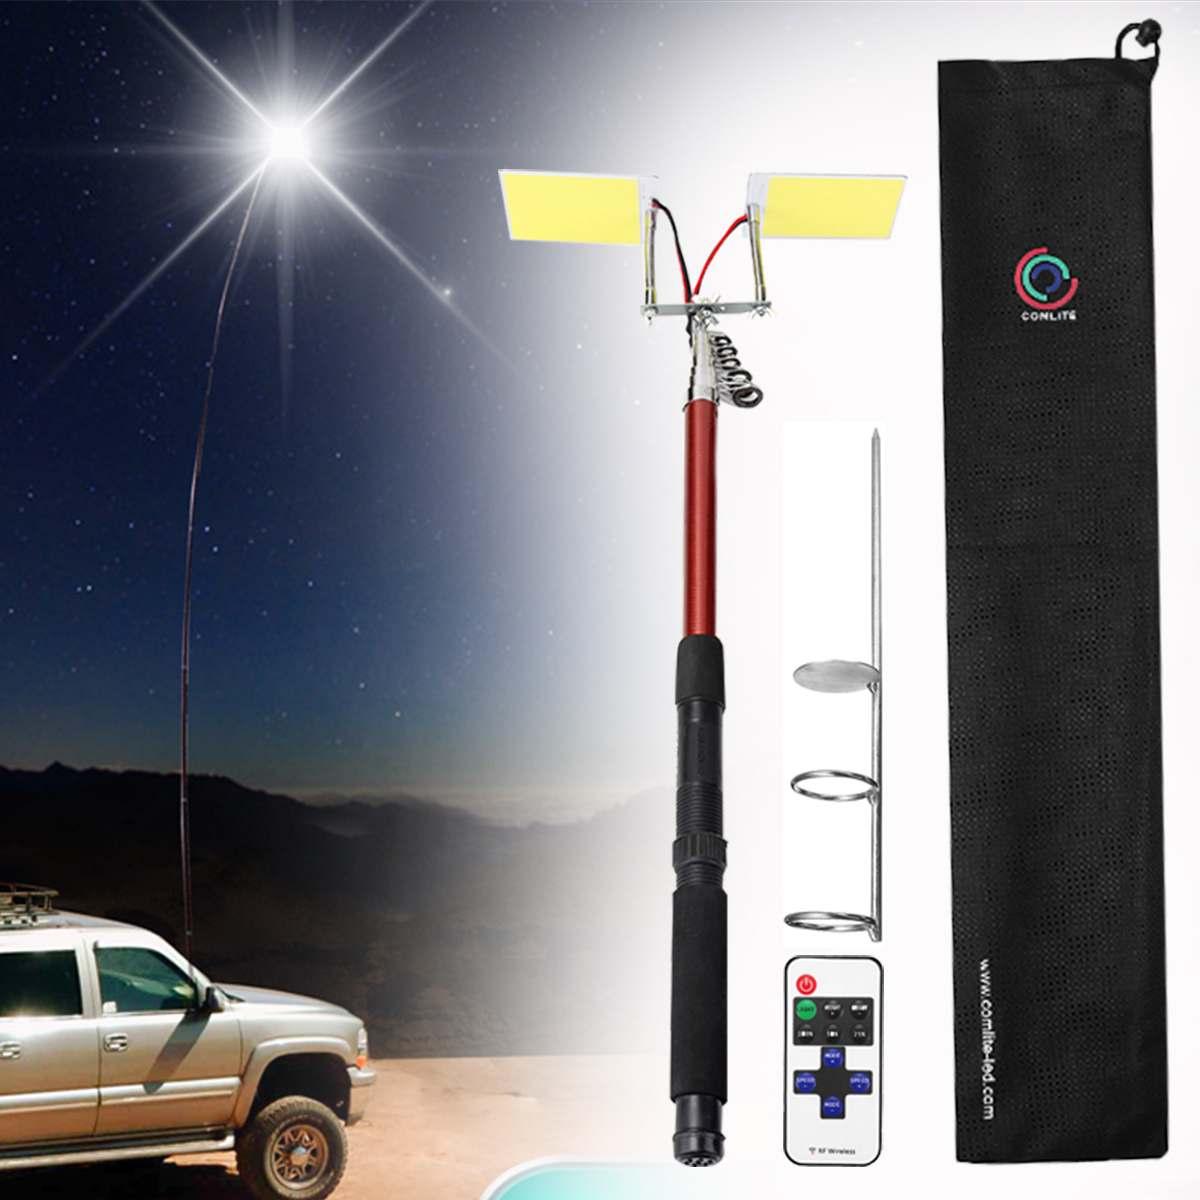 3.75 M 12 V télescopique LED canne à pêche lanterne extérieure lampe de Camping lumière avec télécommande pour voyage sur route auto-entraînement voyage